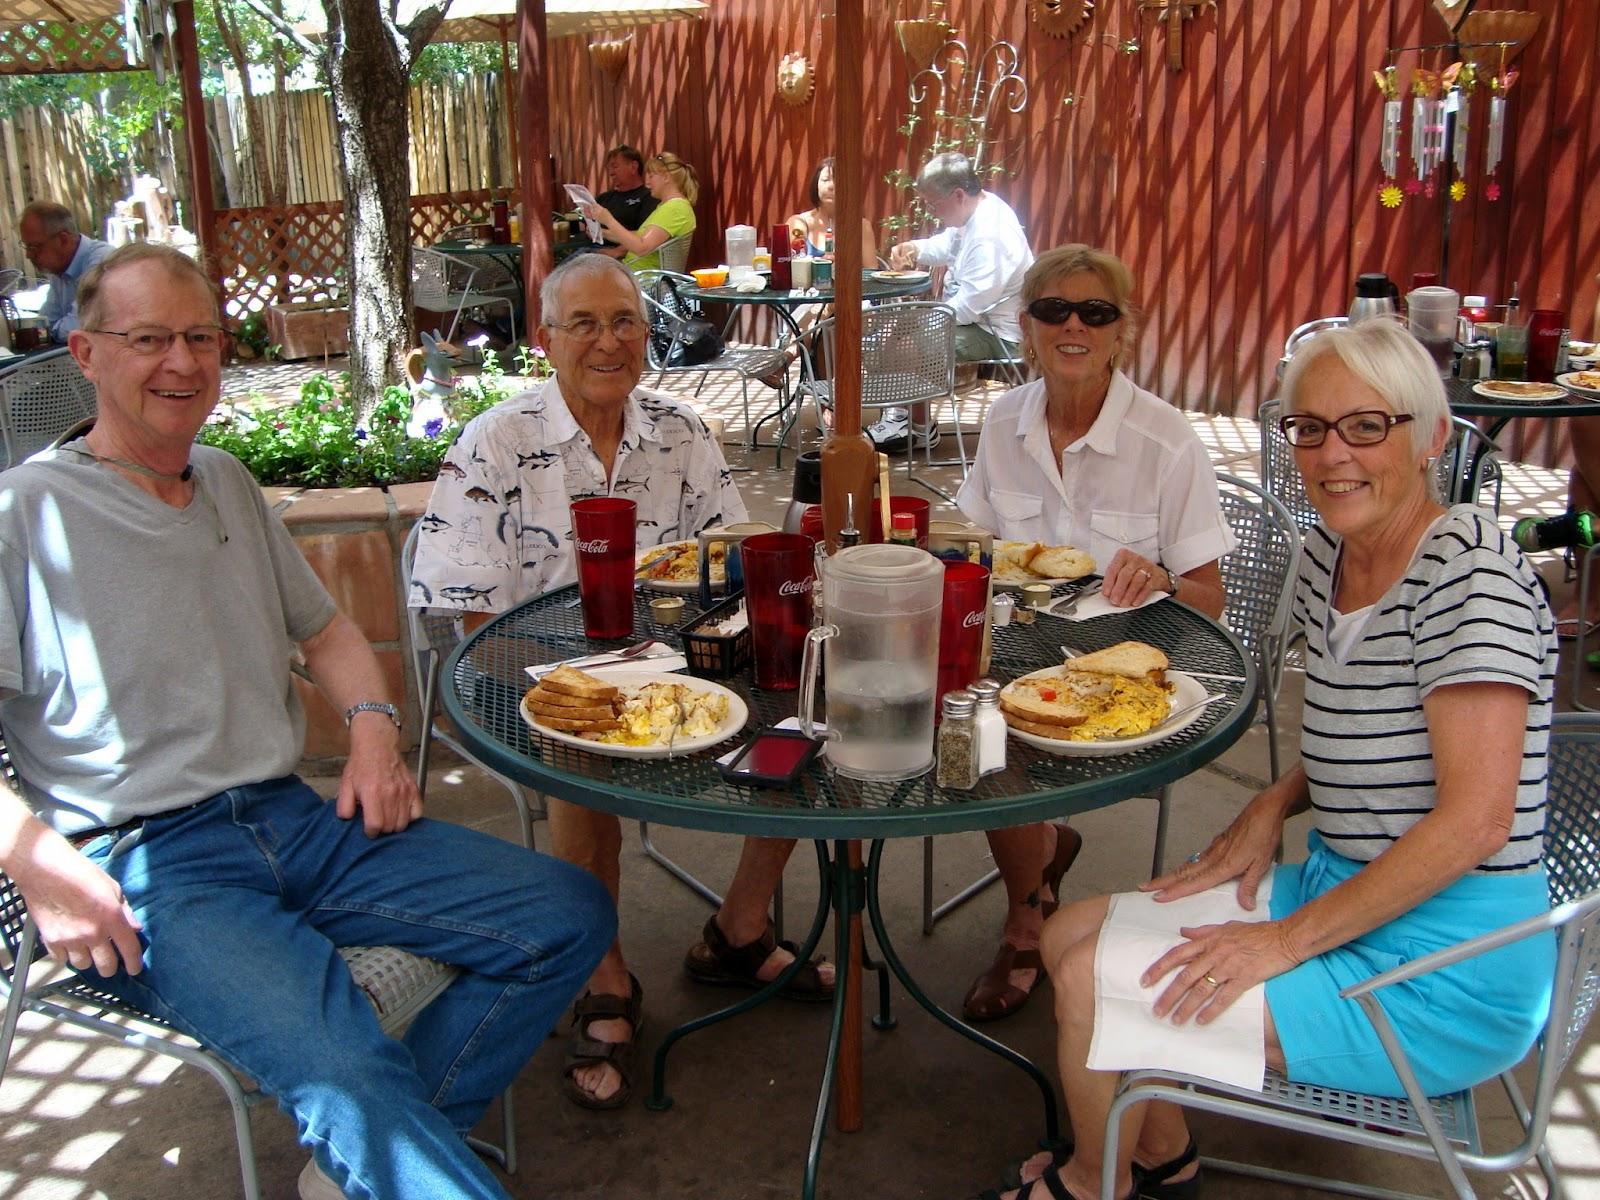 Highway Runner: OMELETTES AT COFFEE POT RESTAURANT, SEDONA, AZ